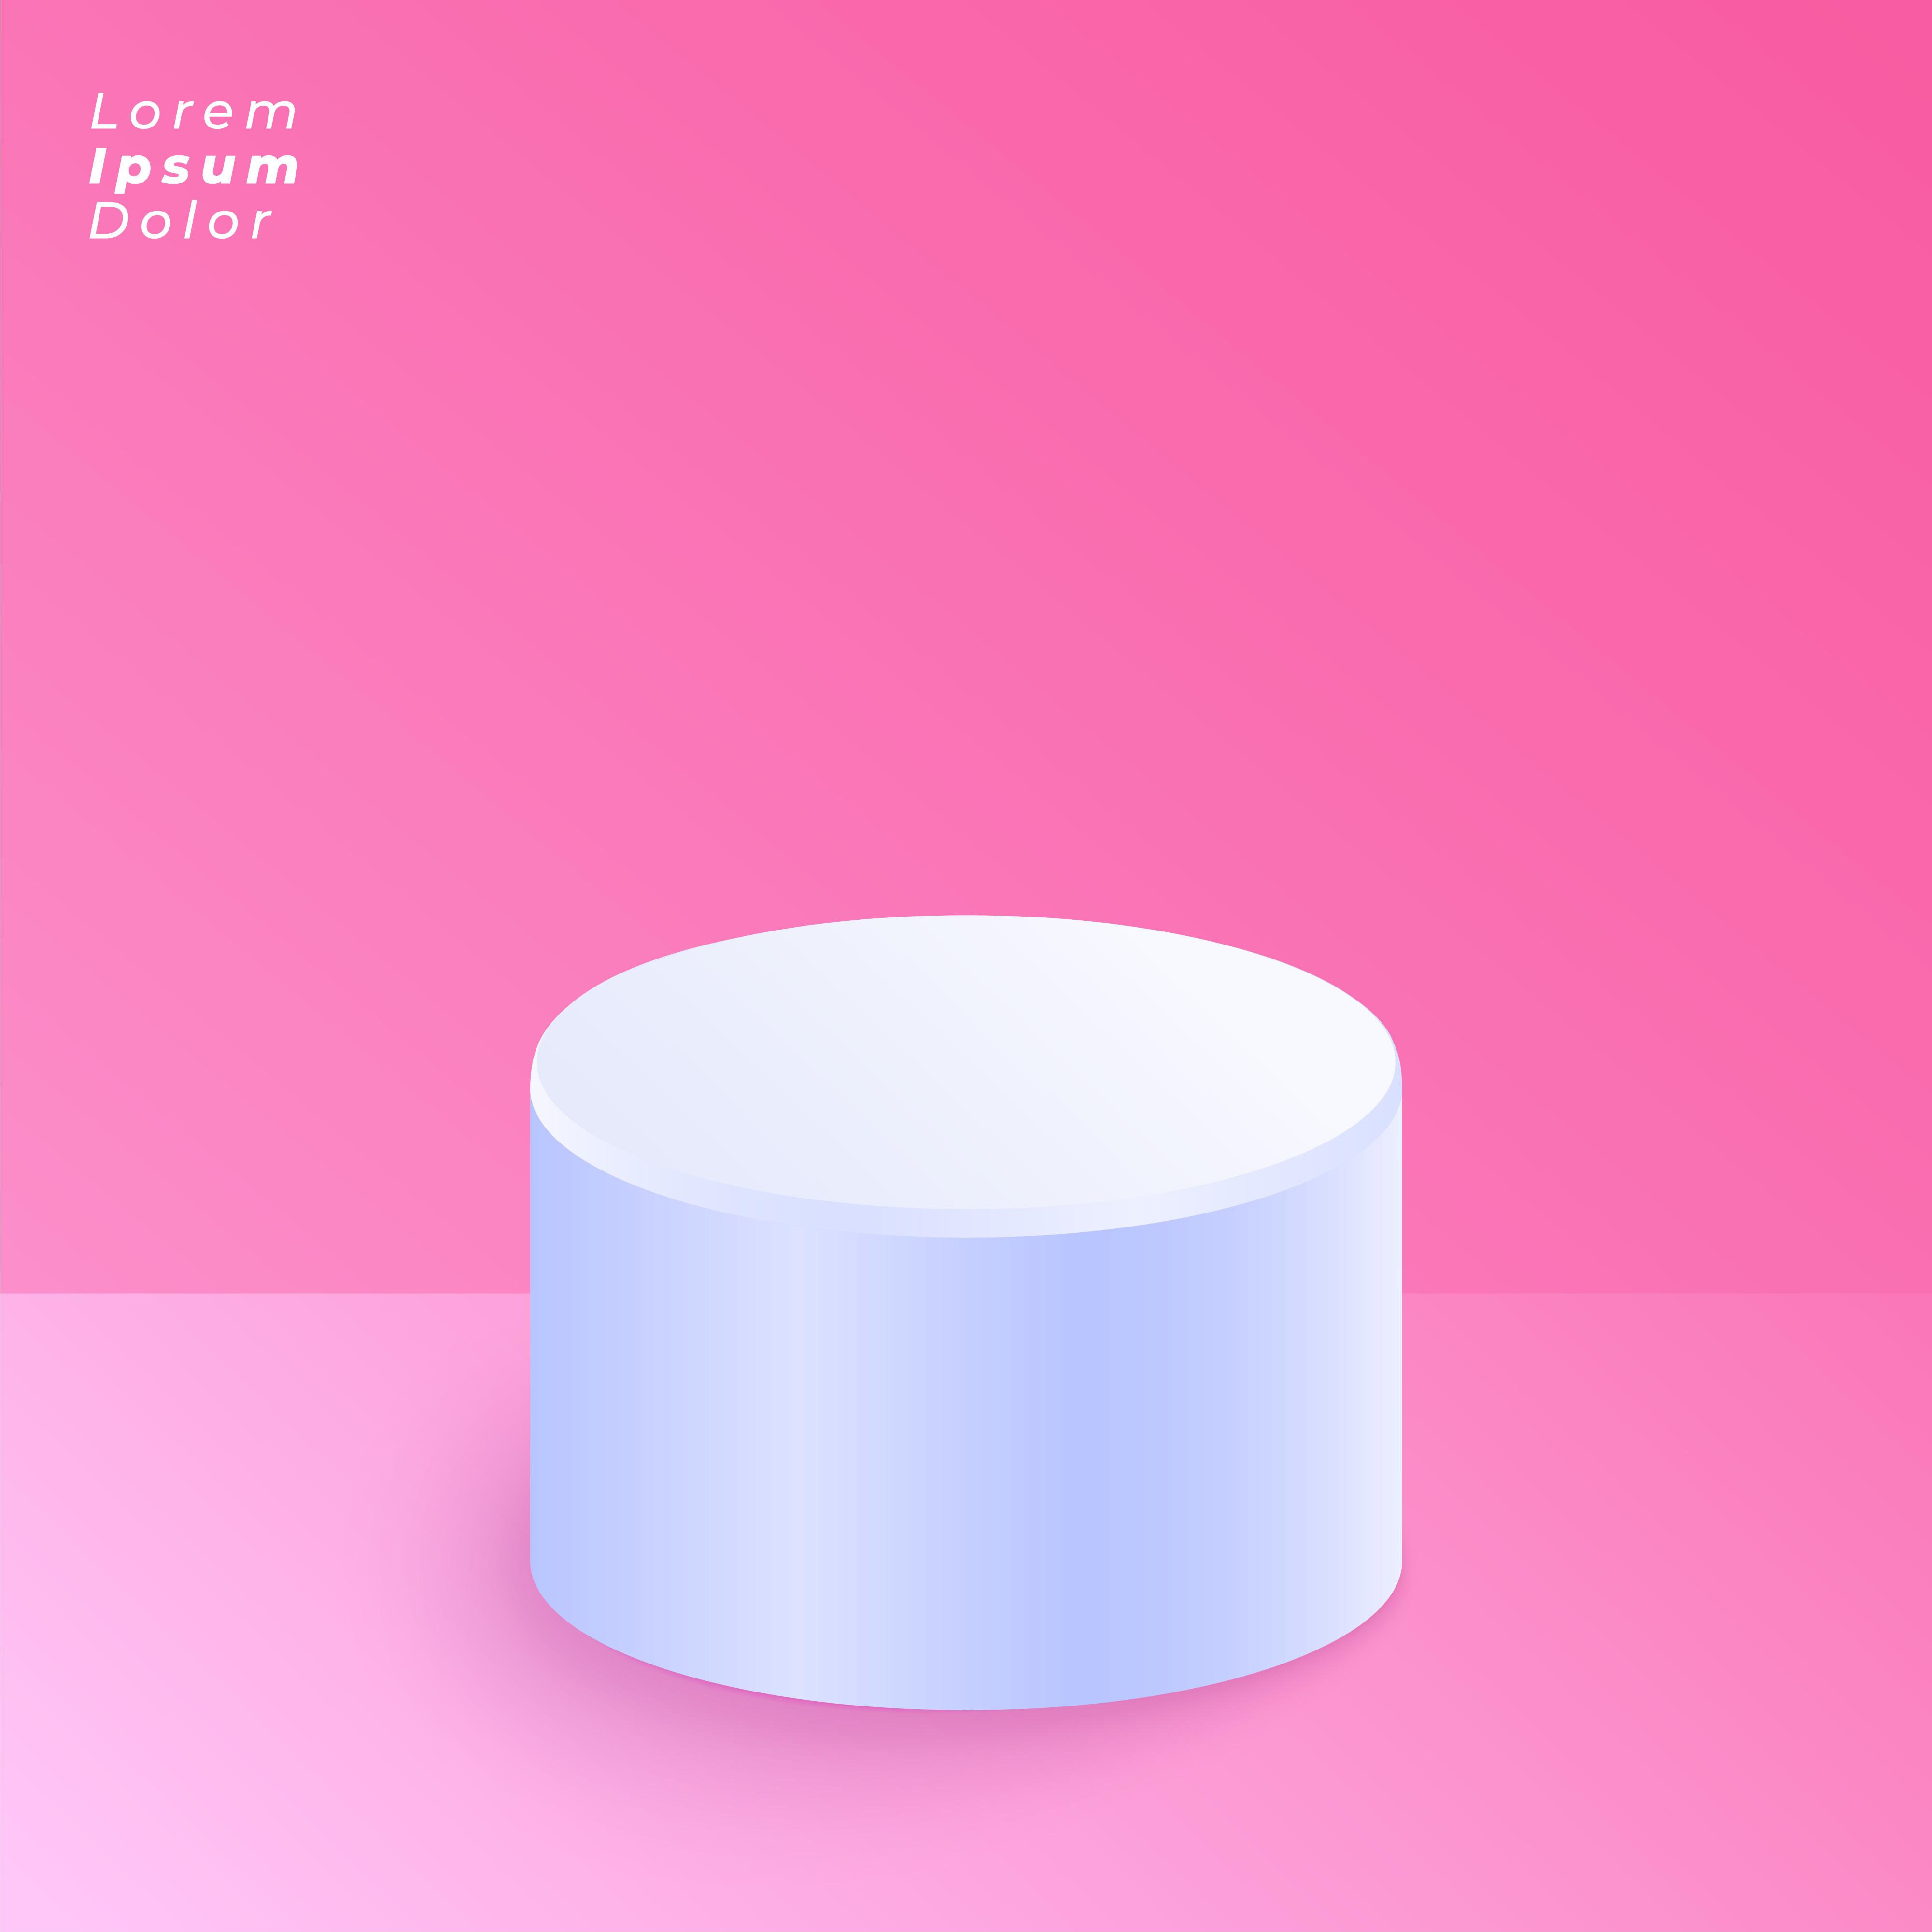 White Studio Background With Podium: Empty Studio Background With Round Podium